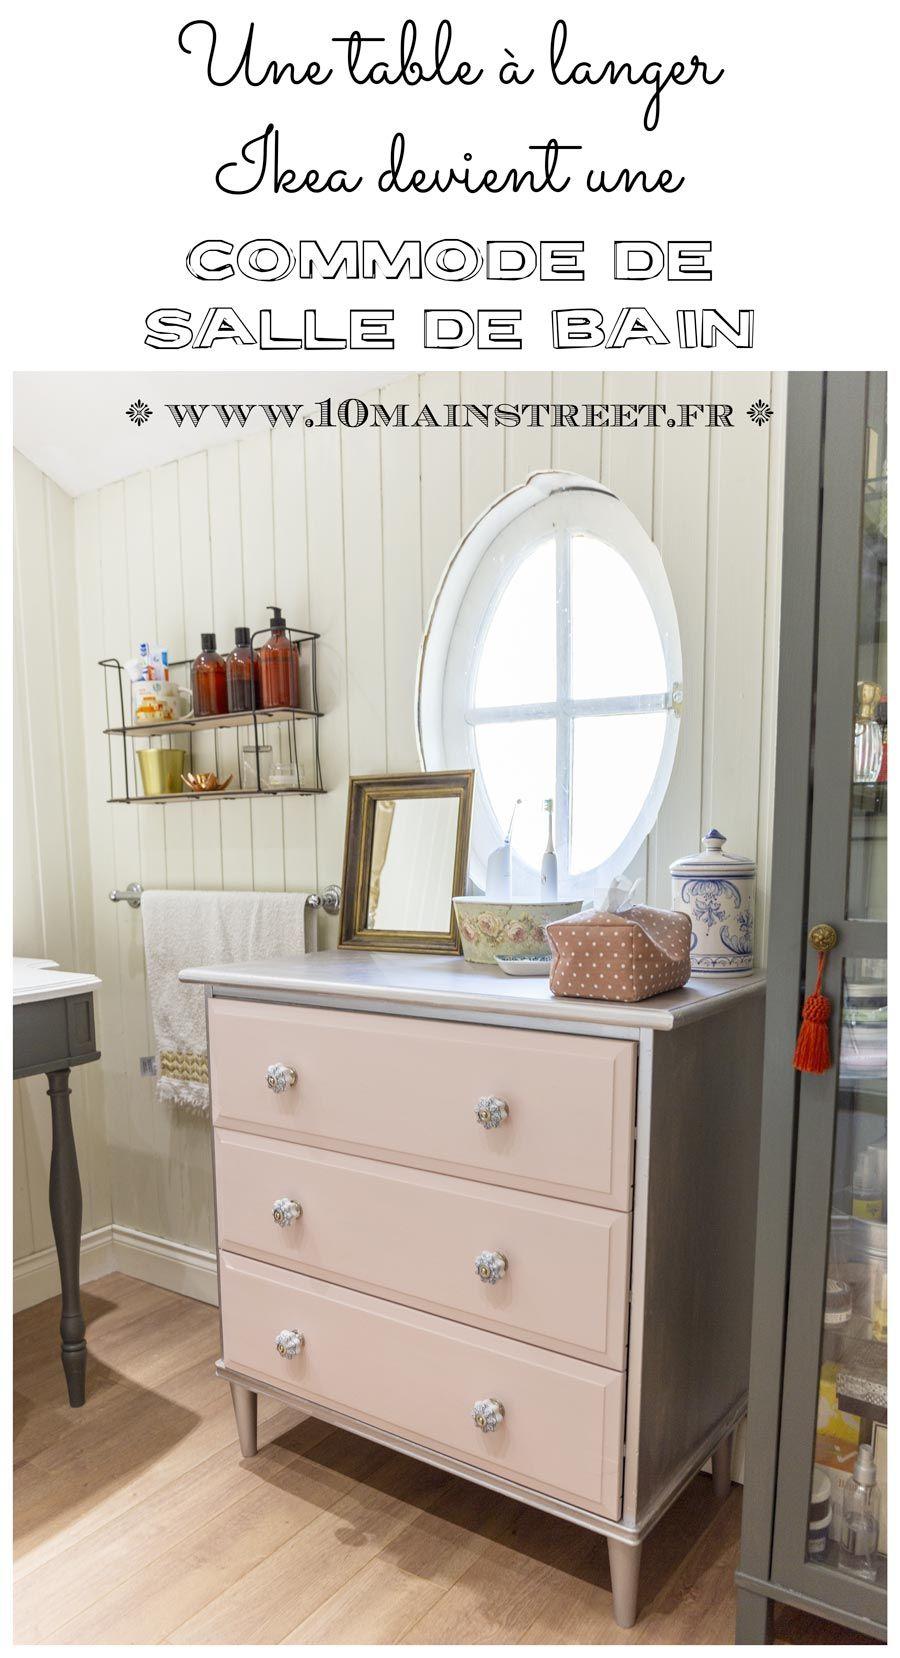 Une table à langer Ikea transformée en commode de salle de bain